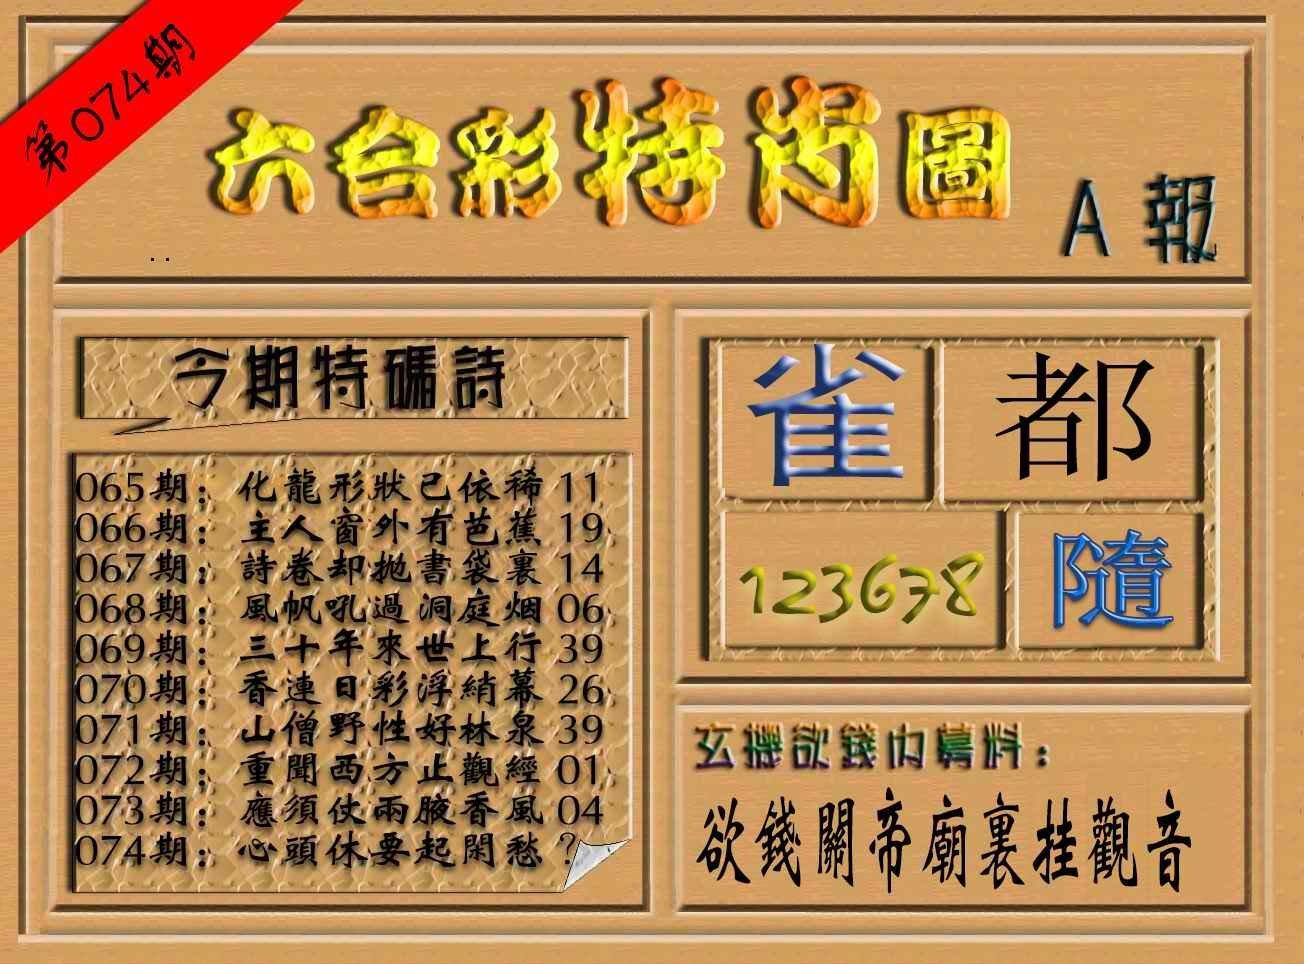 074期六合彩特肖图(A报)